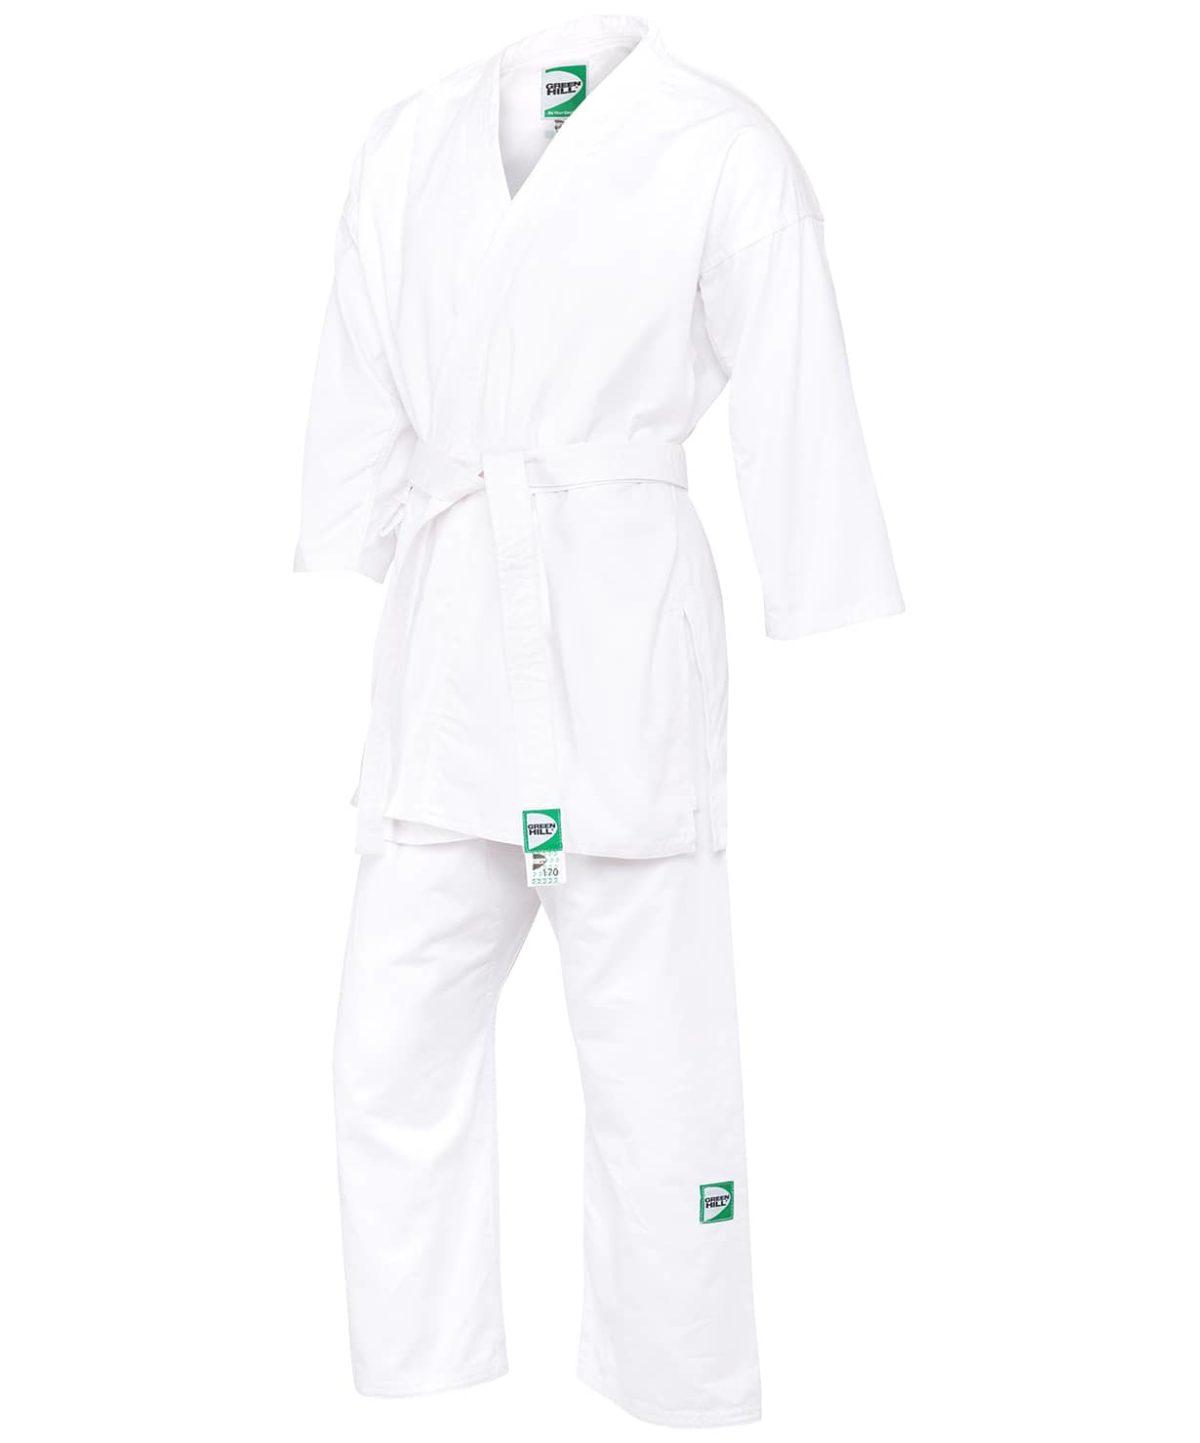 GREEN HILL Start Кимоно для карате 00/120  KSST-10354 - 1